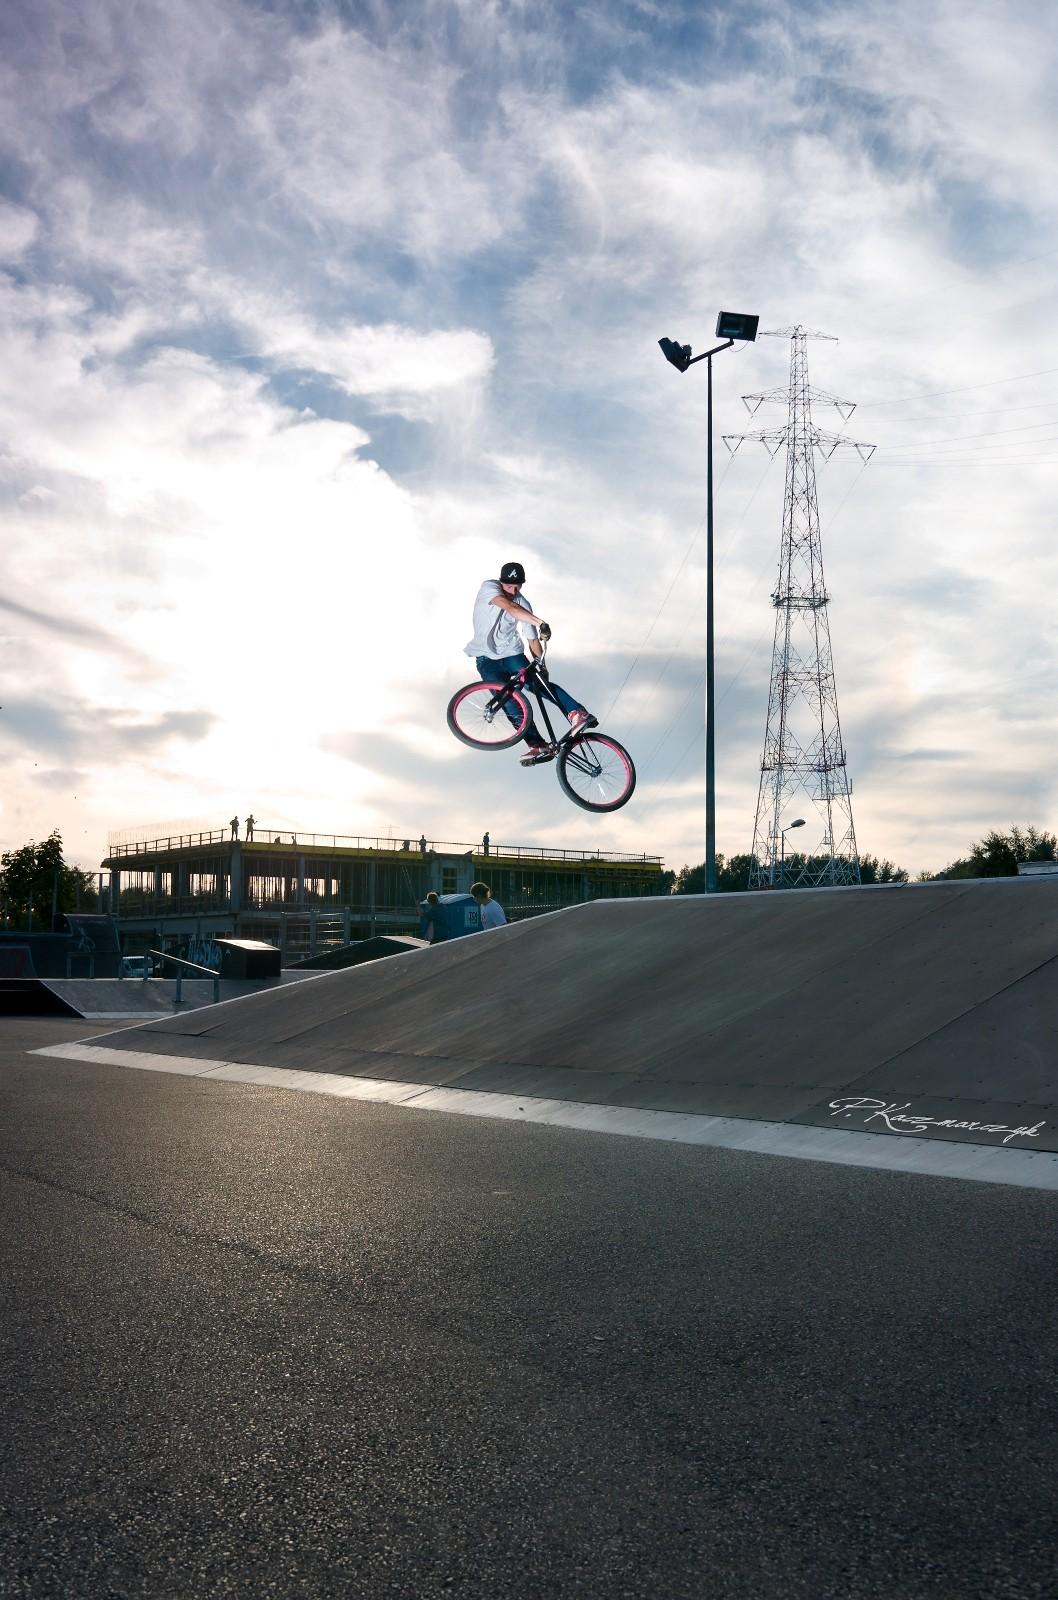 Turndown - piotrkaczmarczyk - Mountain Biking Pictures - Vital MTB